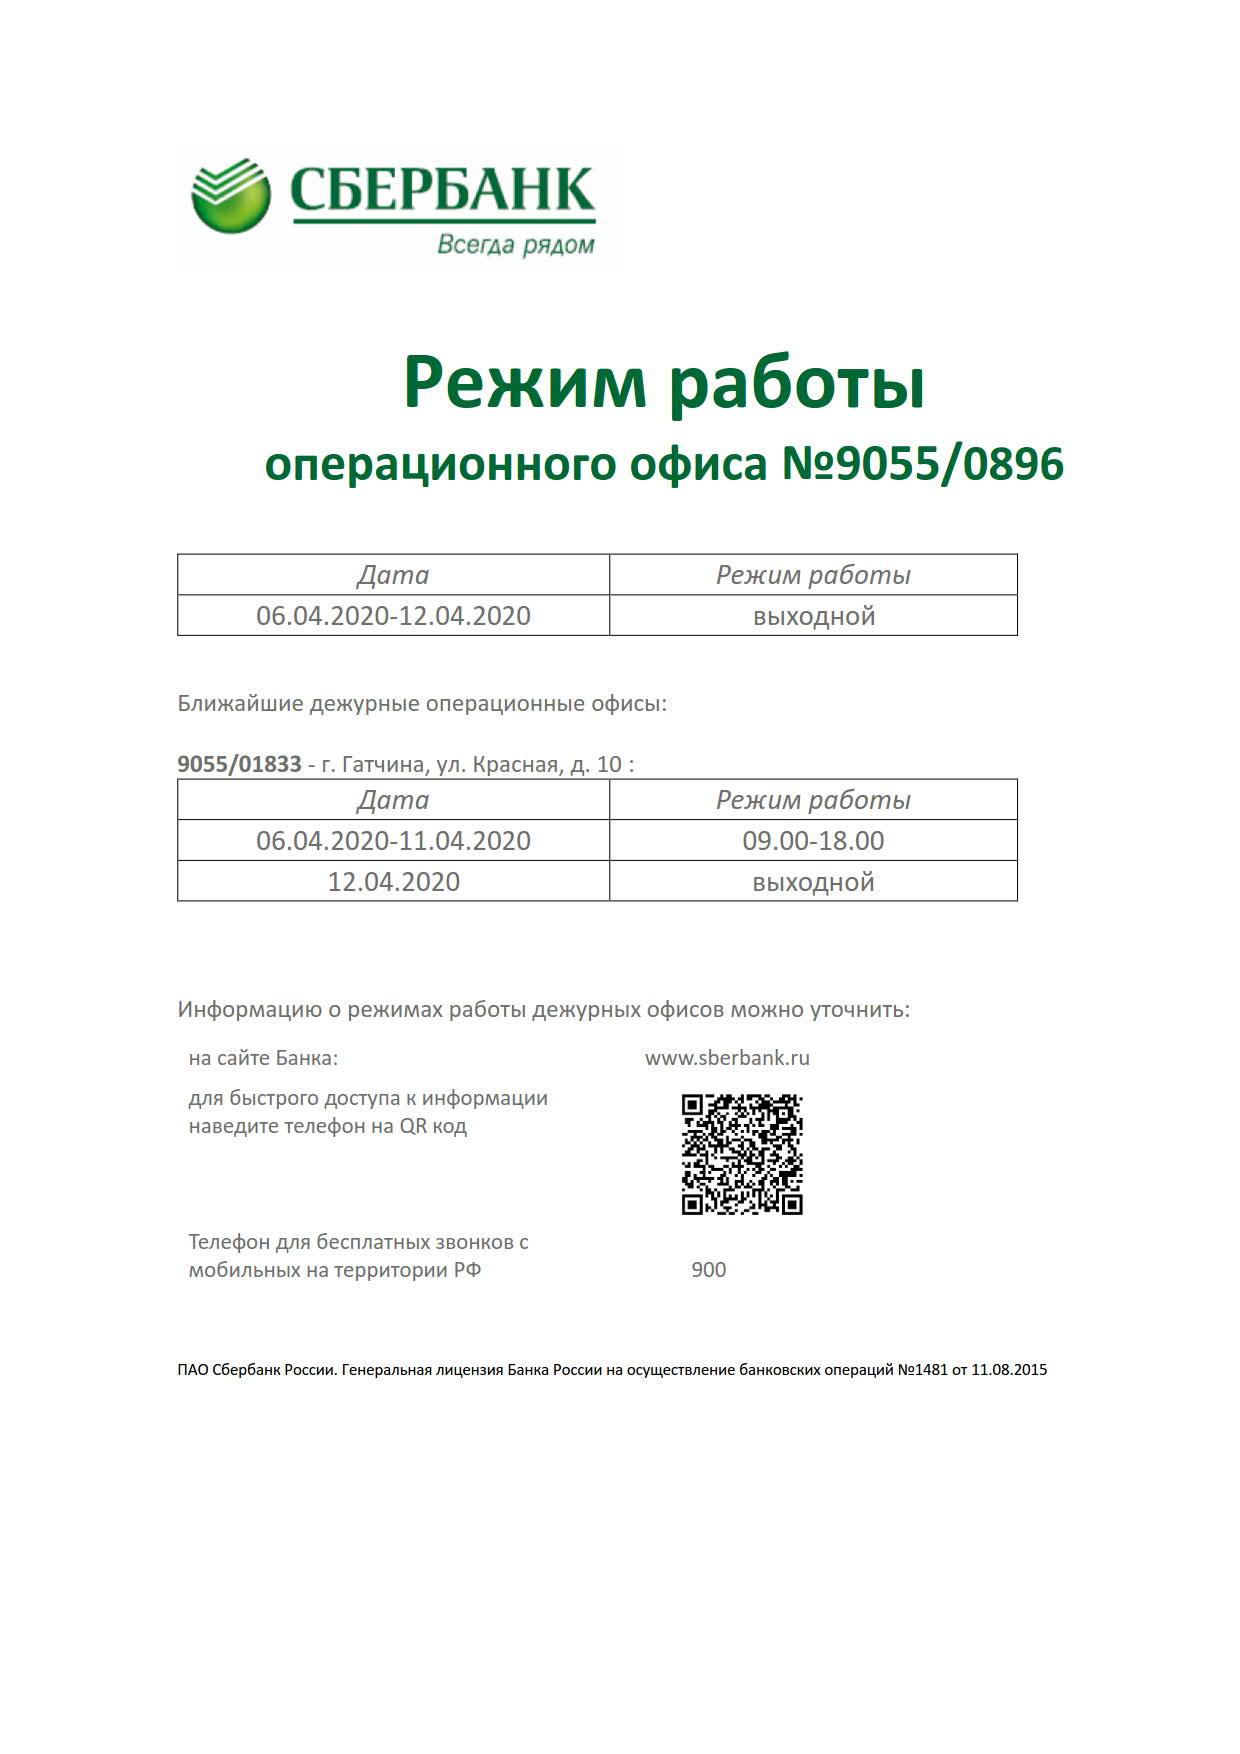 896_Макет_объявление__1